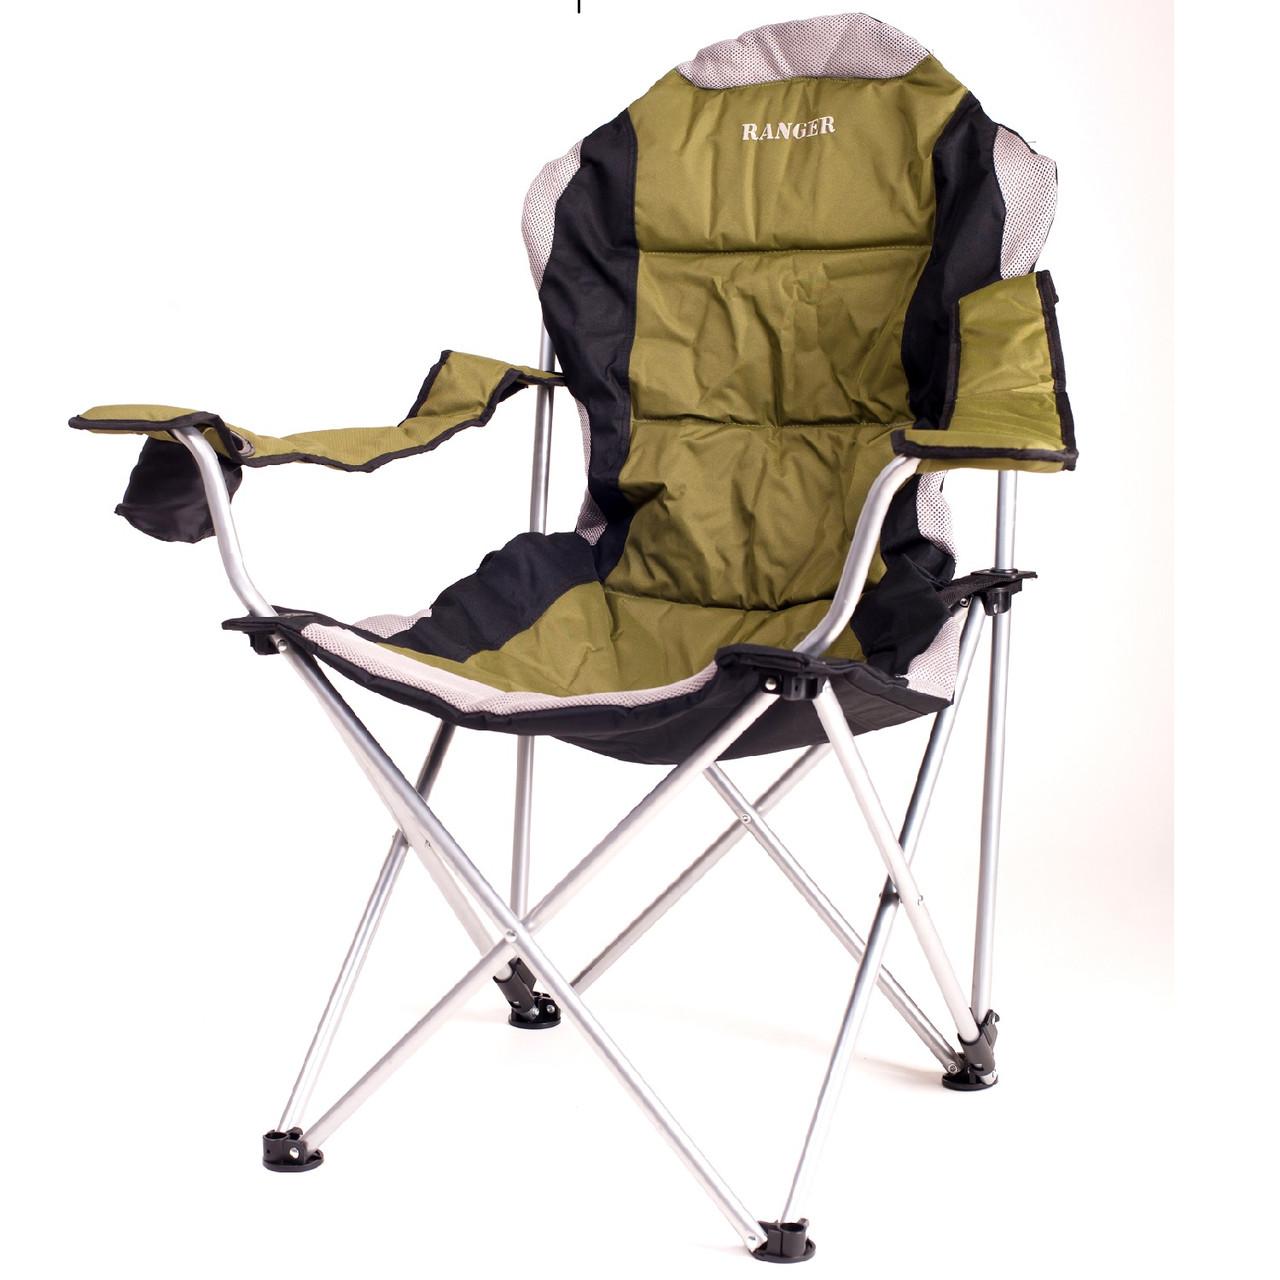 Кресло — шезлонг складное для дачи природы пикника Ranger FC 750-052 до 140 кг нагрузки  Green